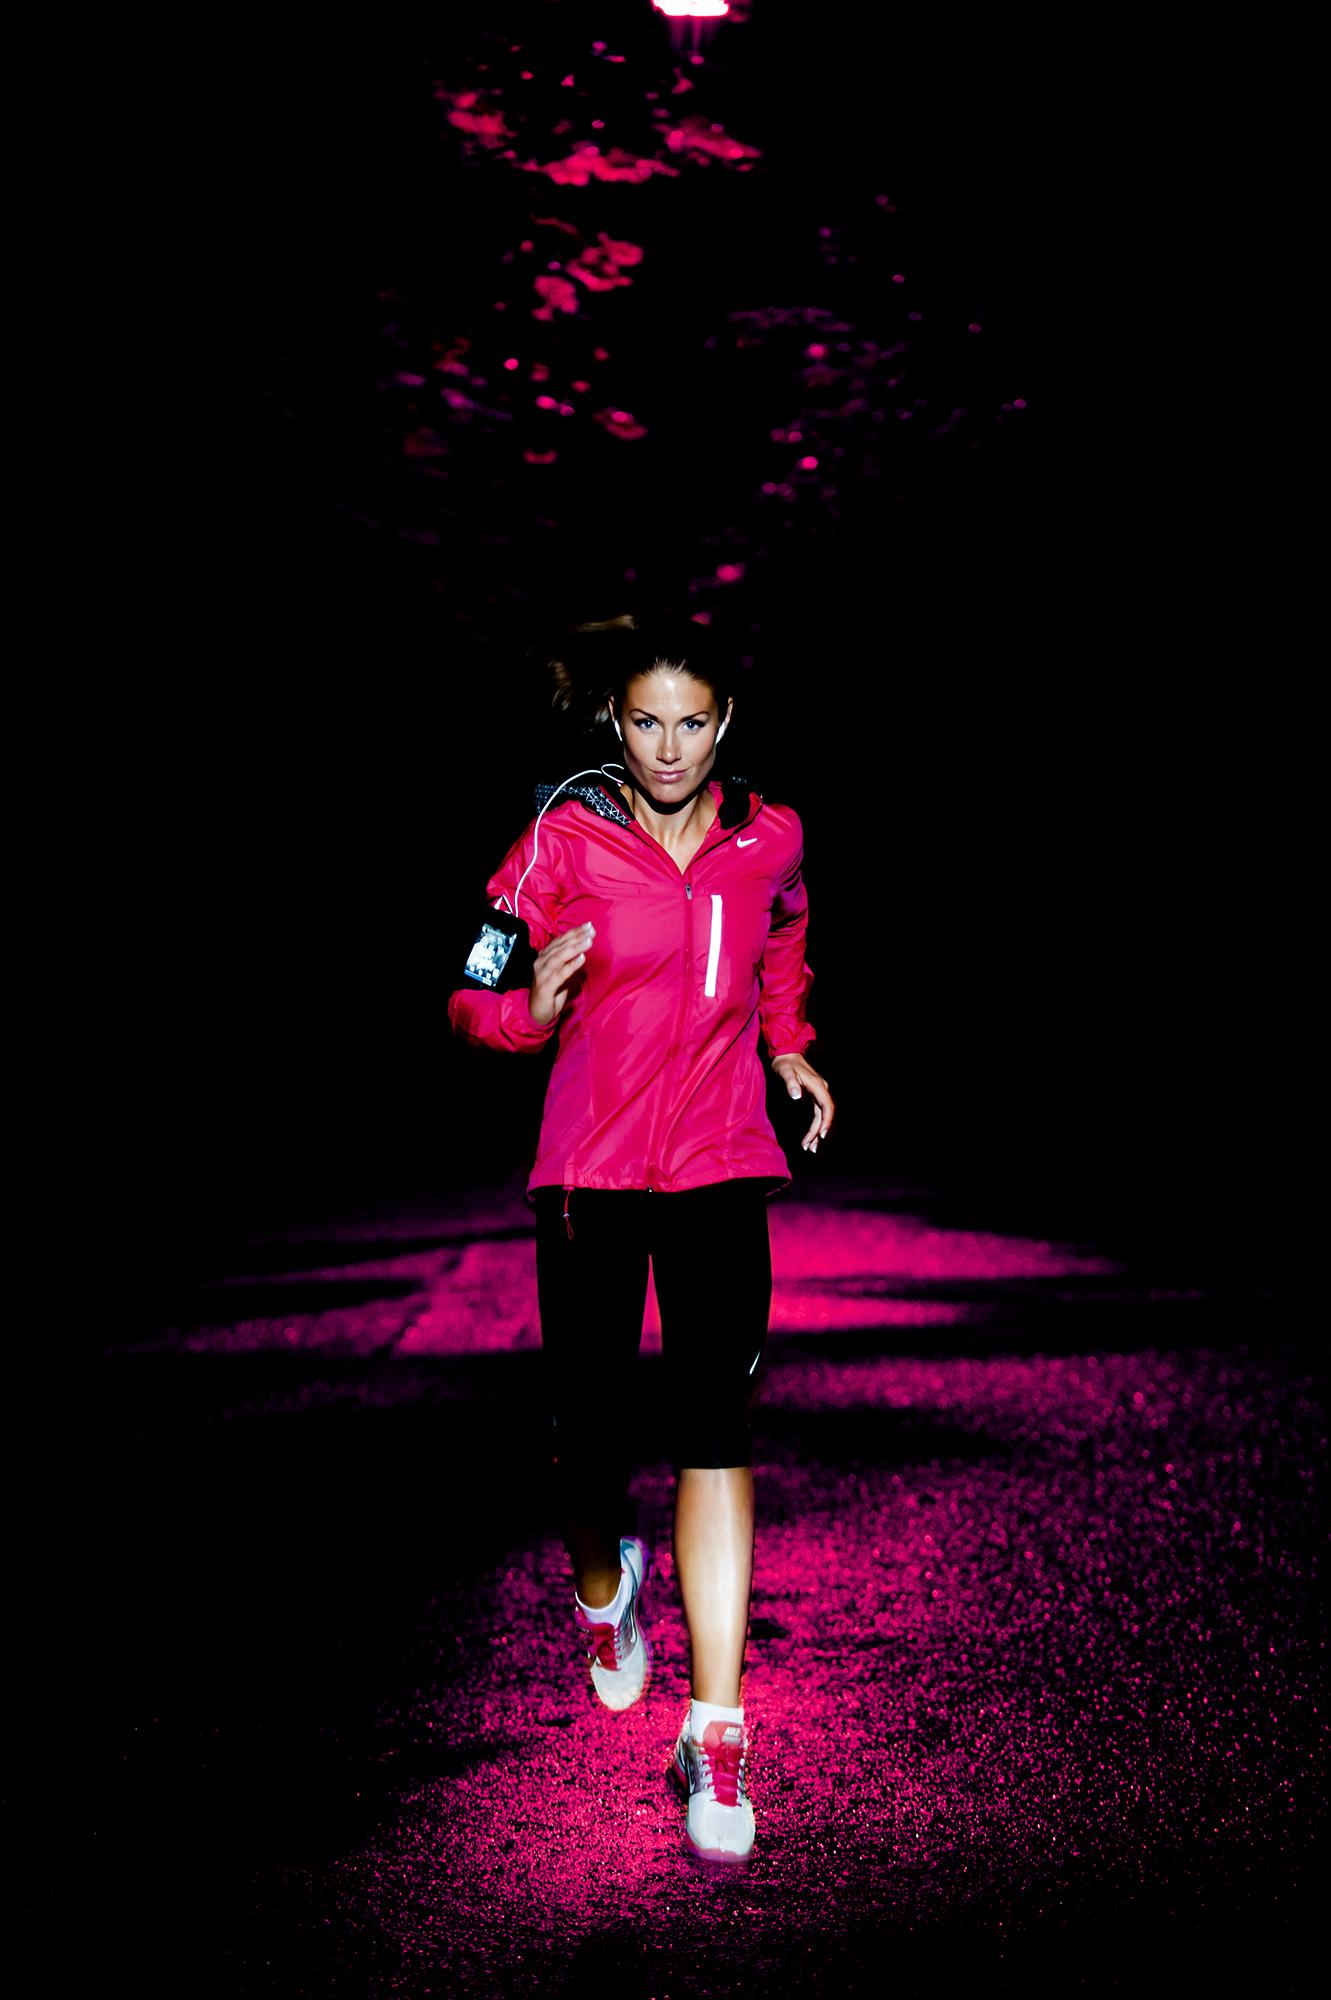 Tone Damli - Nike